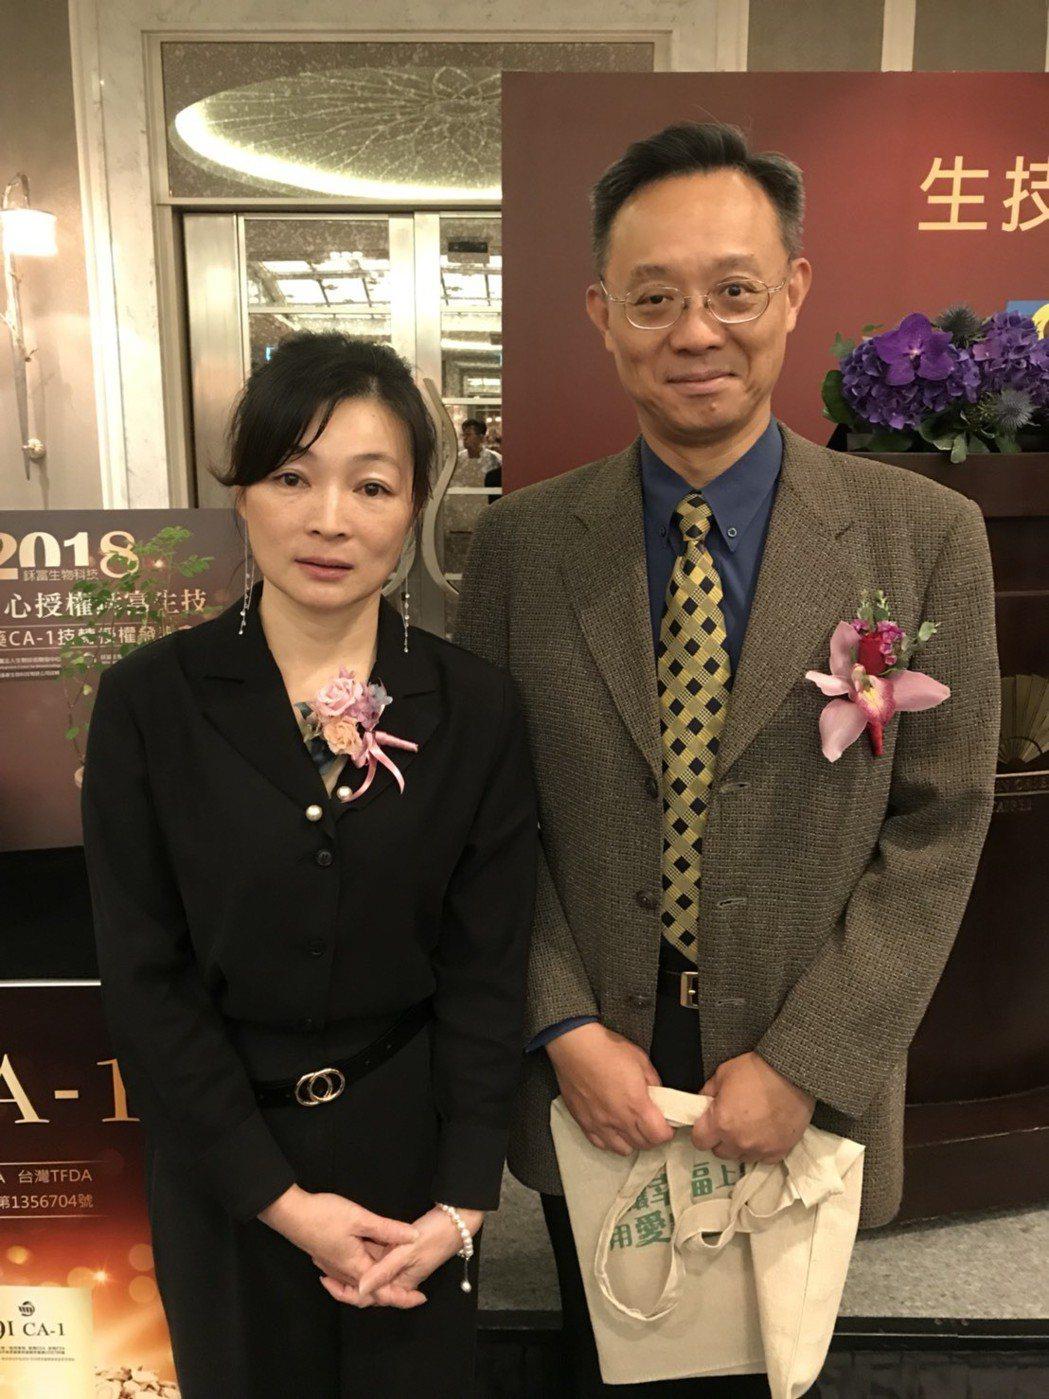 台灣電子健康學會理事長徐建業(圖右)表示,CA-1新藥未來若上市,將協助病患健康...